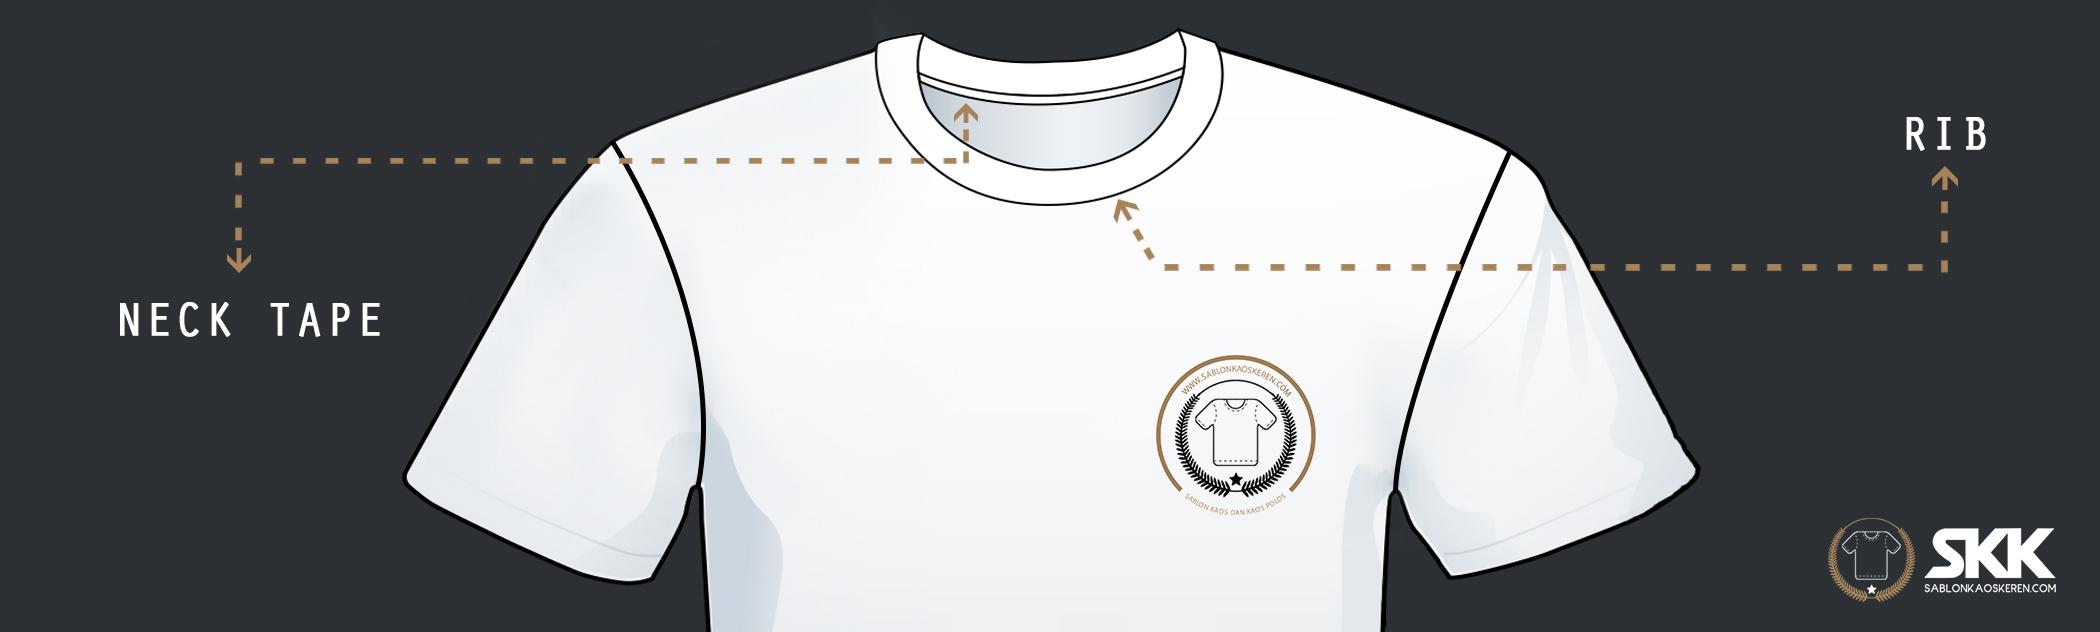 Panduan Pola Kaos Fullprint